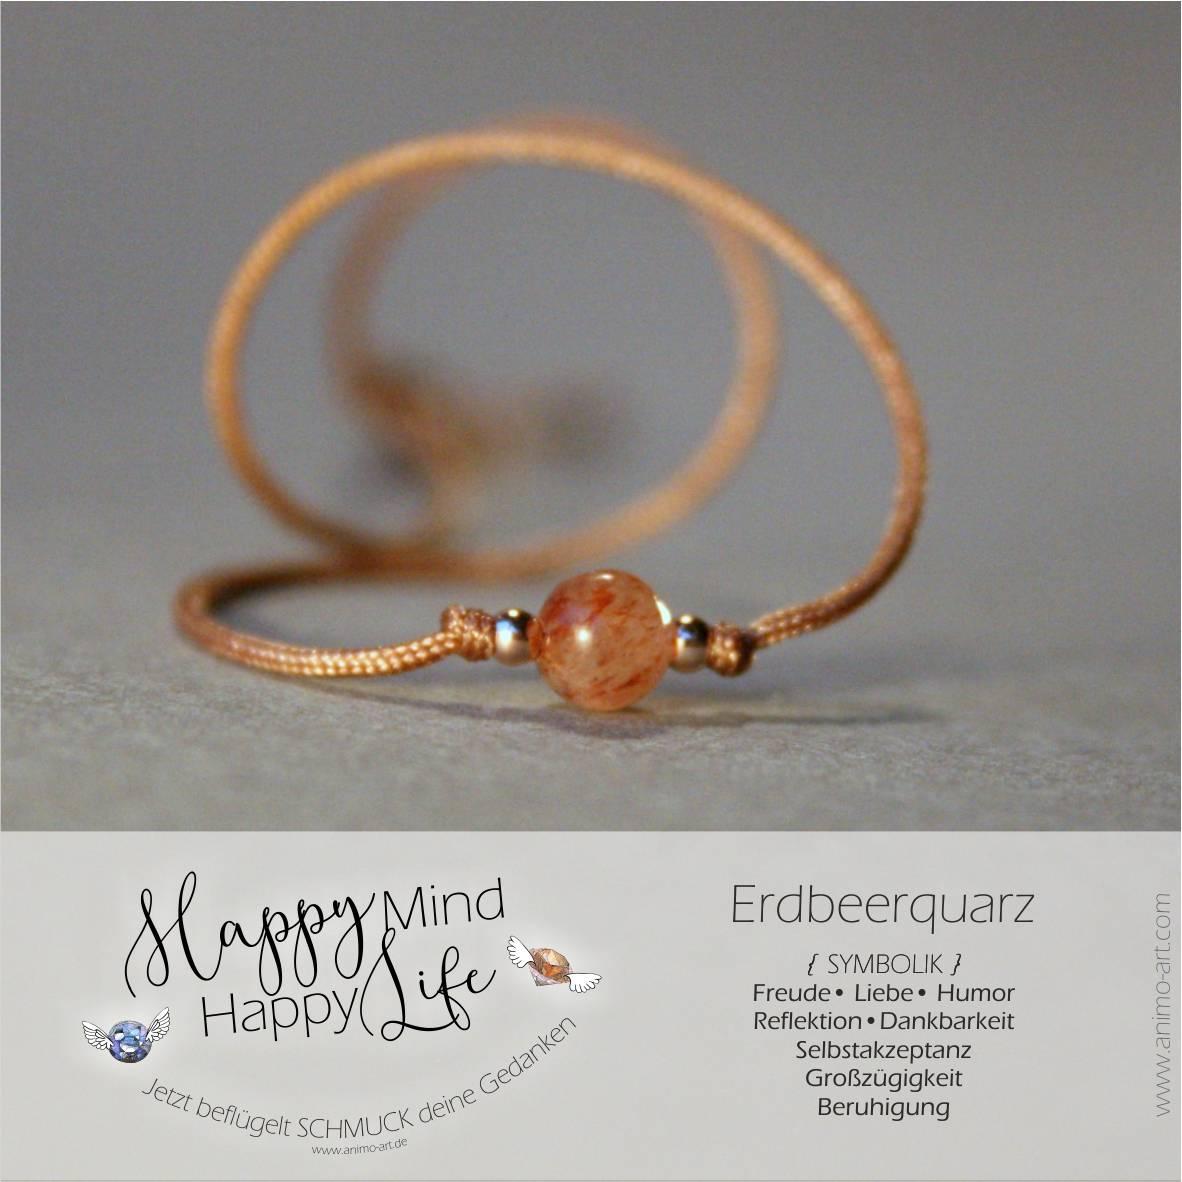 Erdbeerquarz Bedeutung / Schmuck mit Erdbeerquarz-Edelstein in Rot Orange Rotbraun, , Happy Mind Happy Life